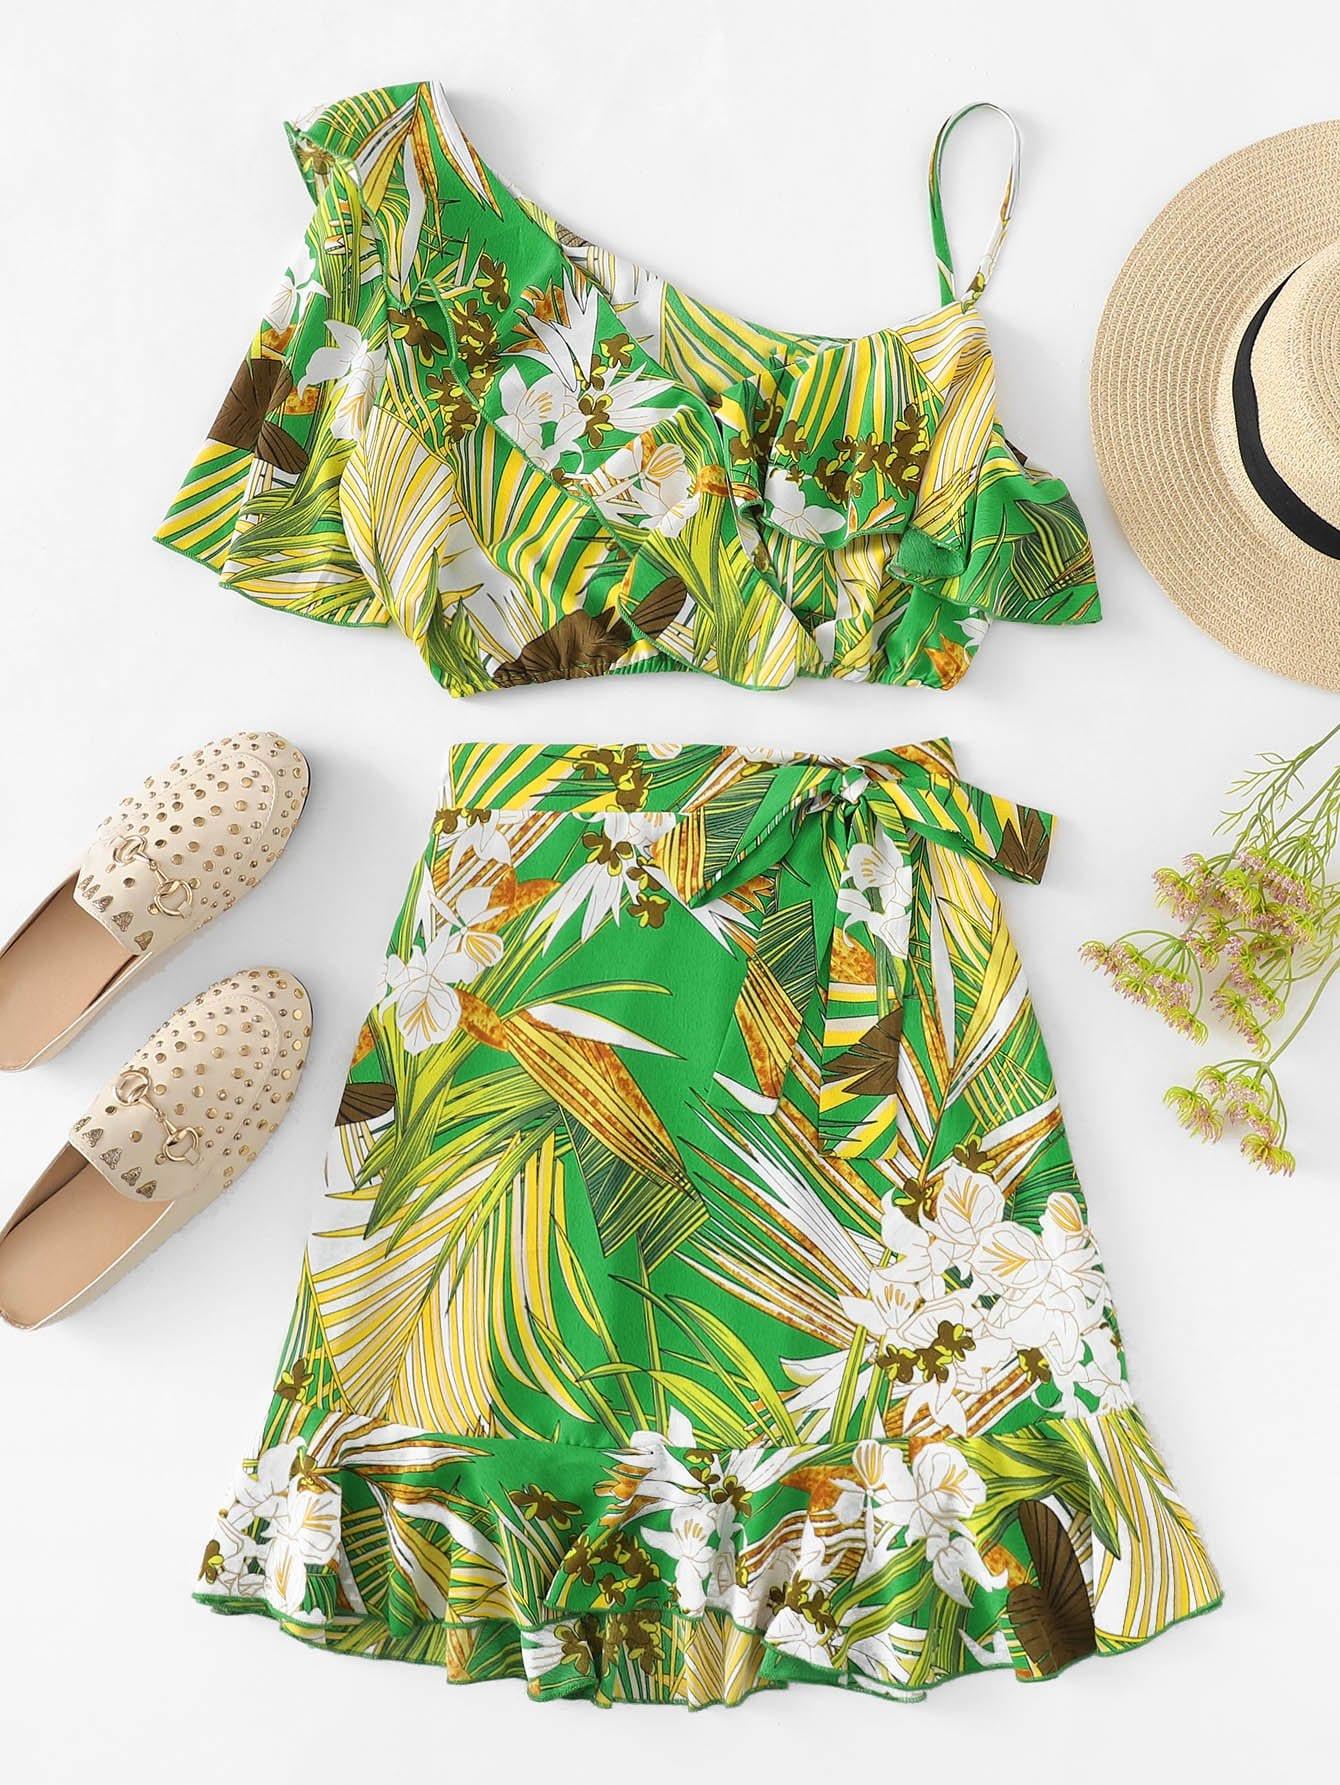 Купить Блузка с розеткой и с рисунками тропическими листьев и с асимметричными рукавами и юбка, null, SheIn